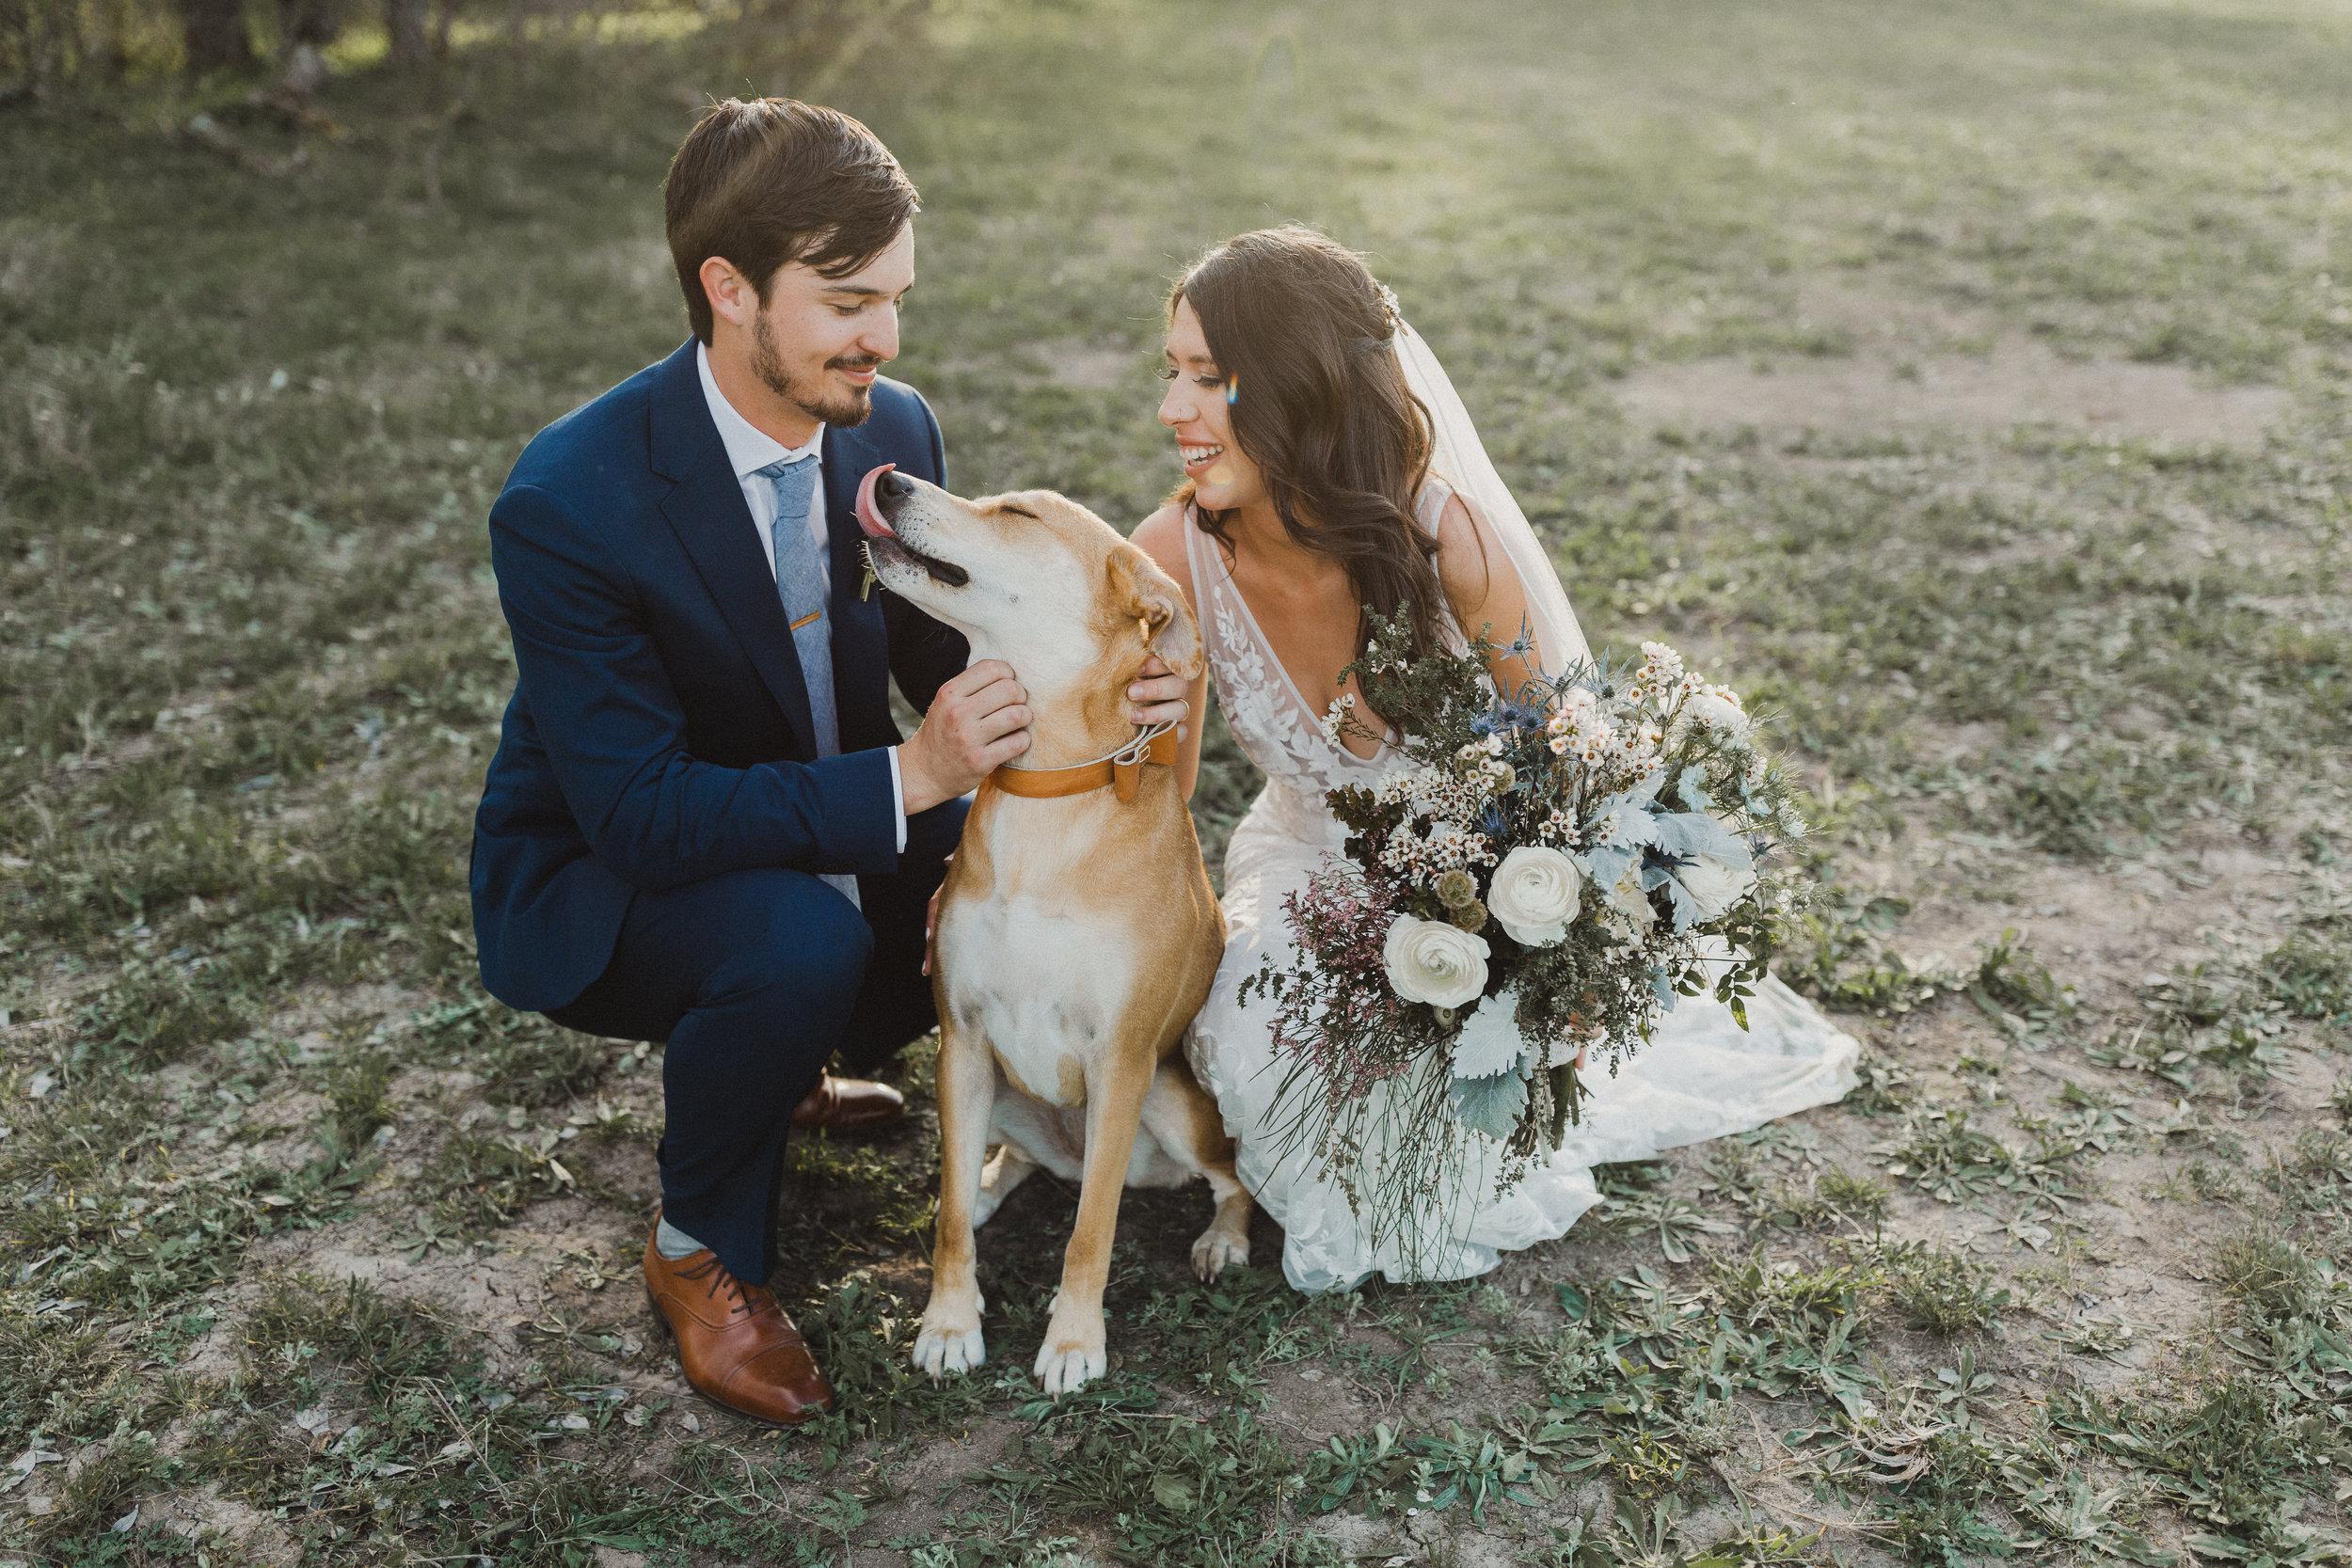 Julie & Daniel - Hondo, TX